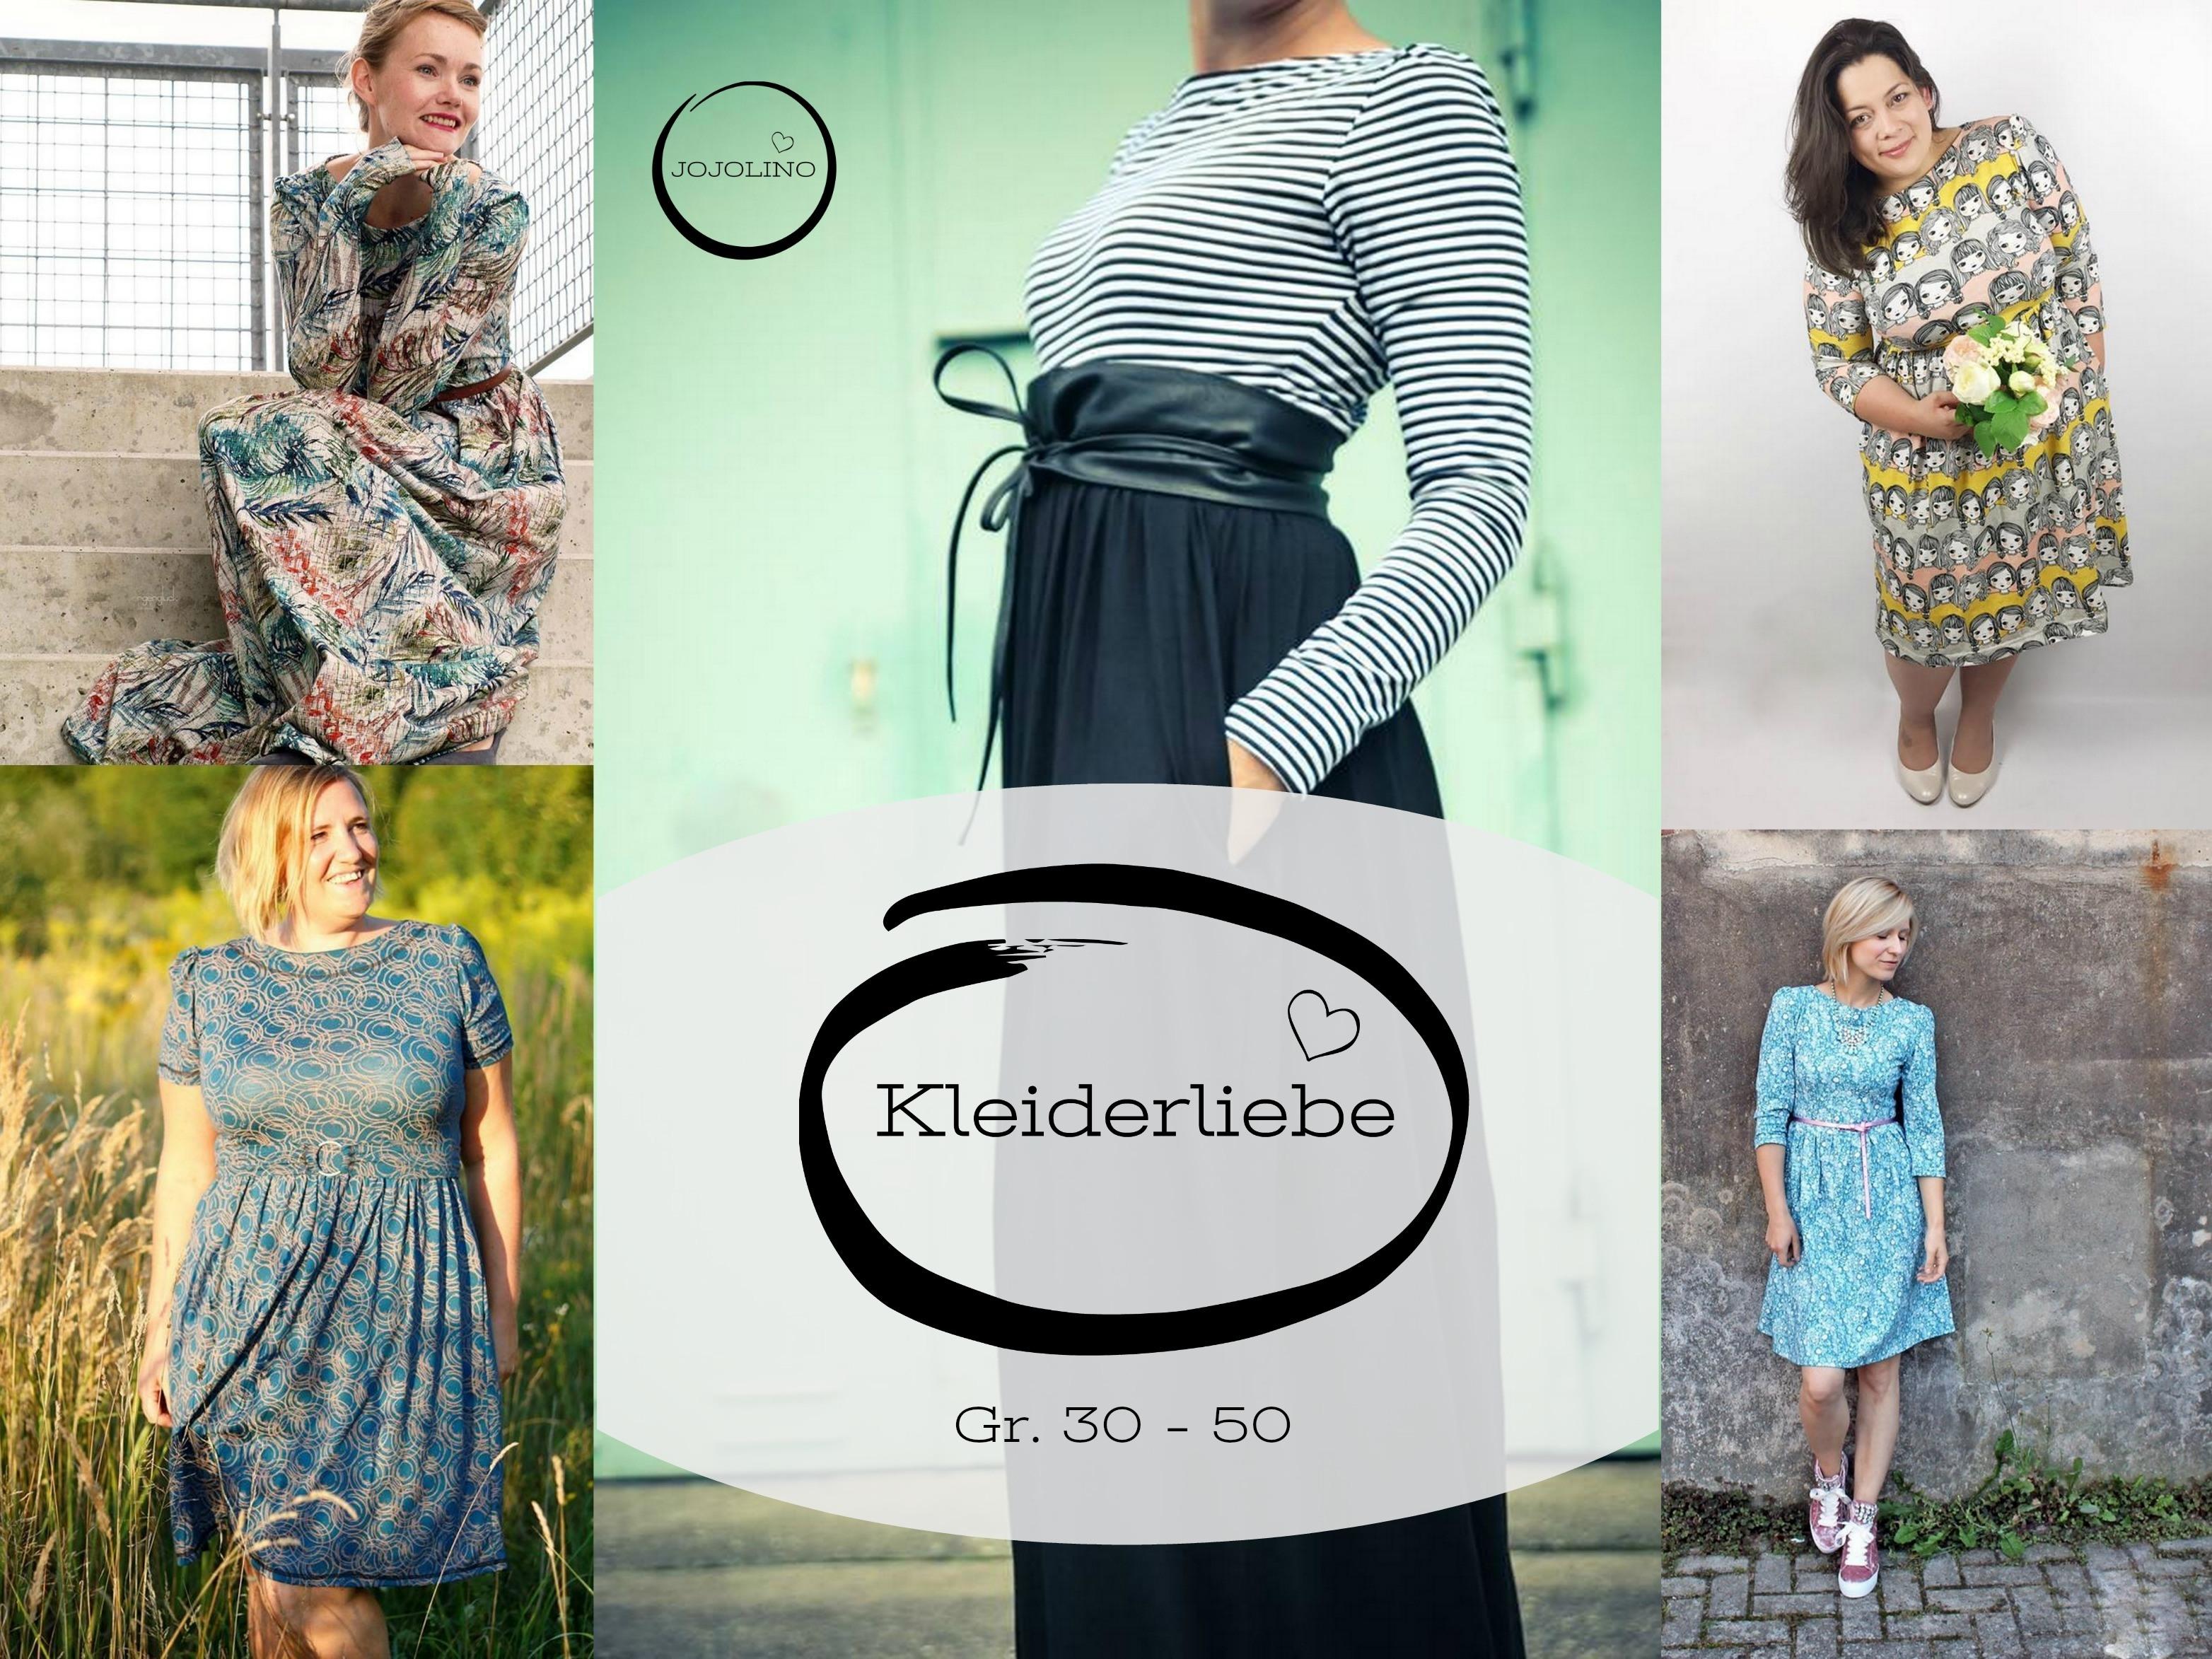 Designer Schön Kleider Für Jeden Anlass für 2019Abend Top Kleider Für Jeden Anlass Design